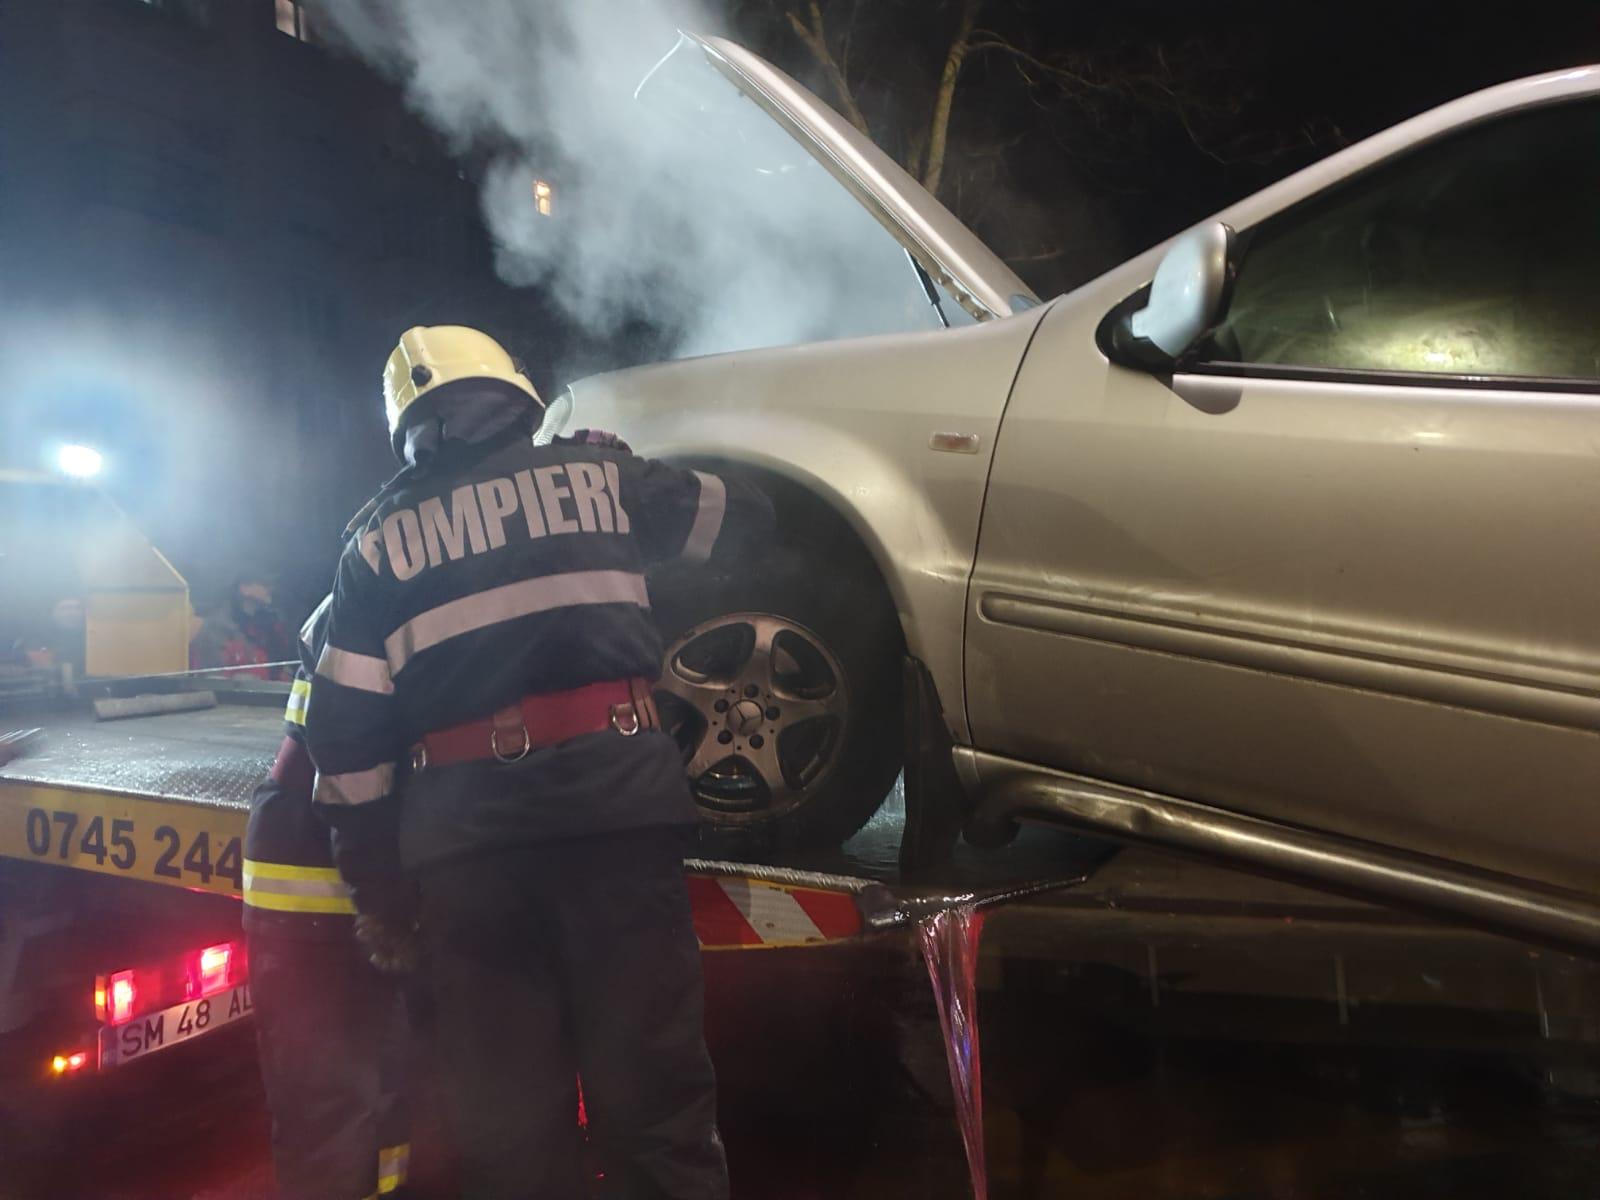 O mașină a luat foc pe drumul Careiului în timp ce era staționata în stația de autobuz